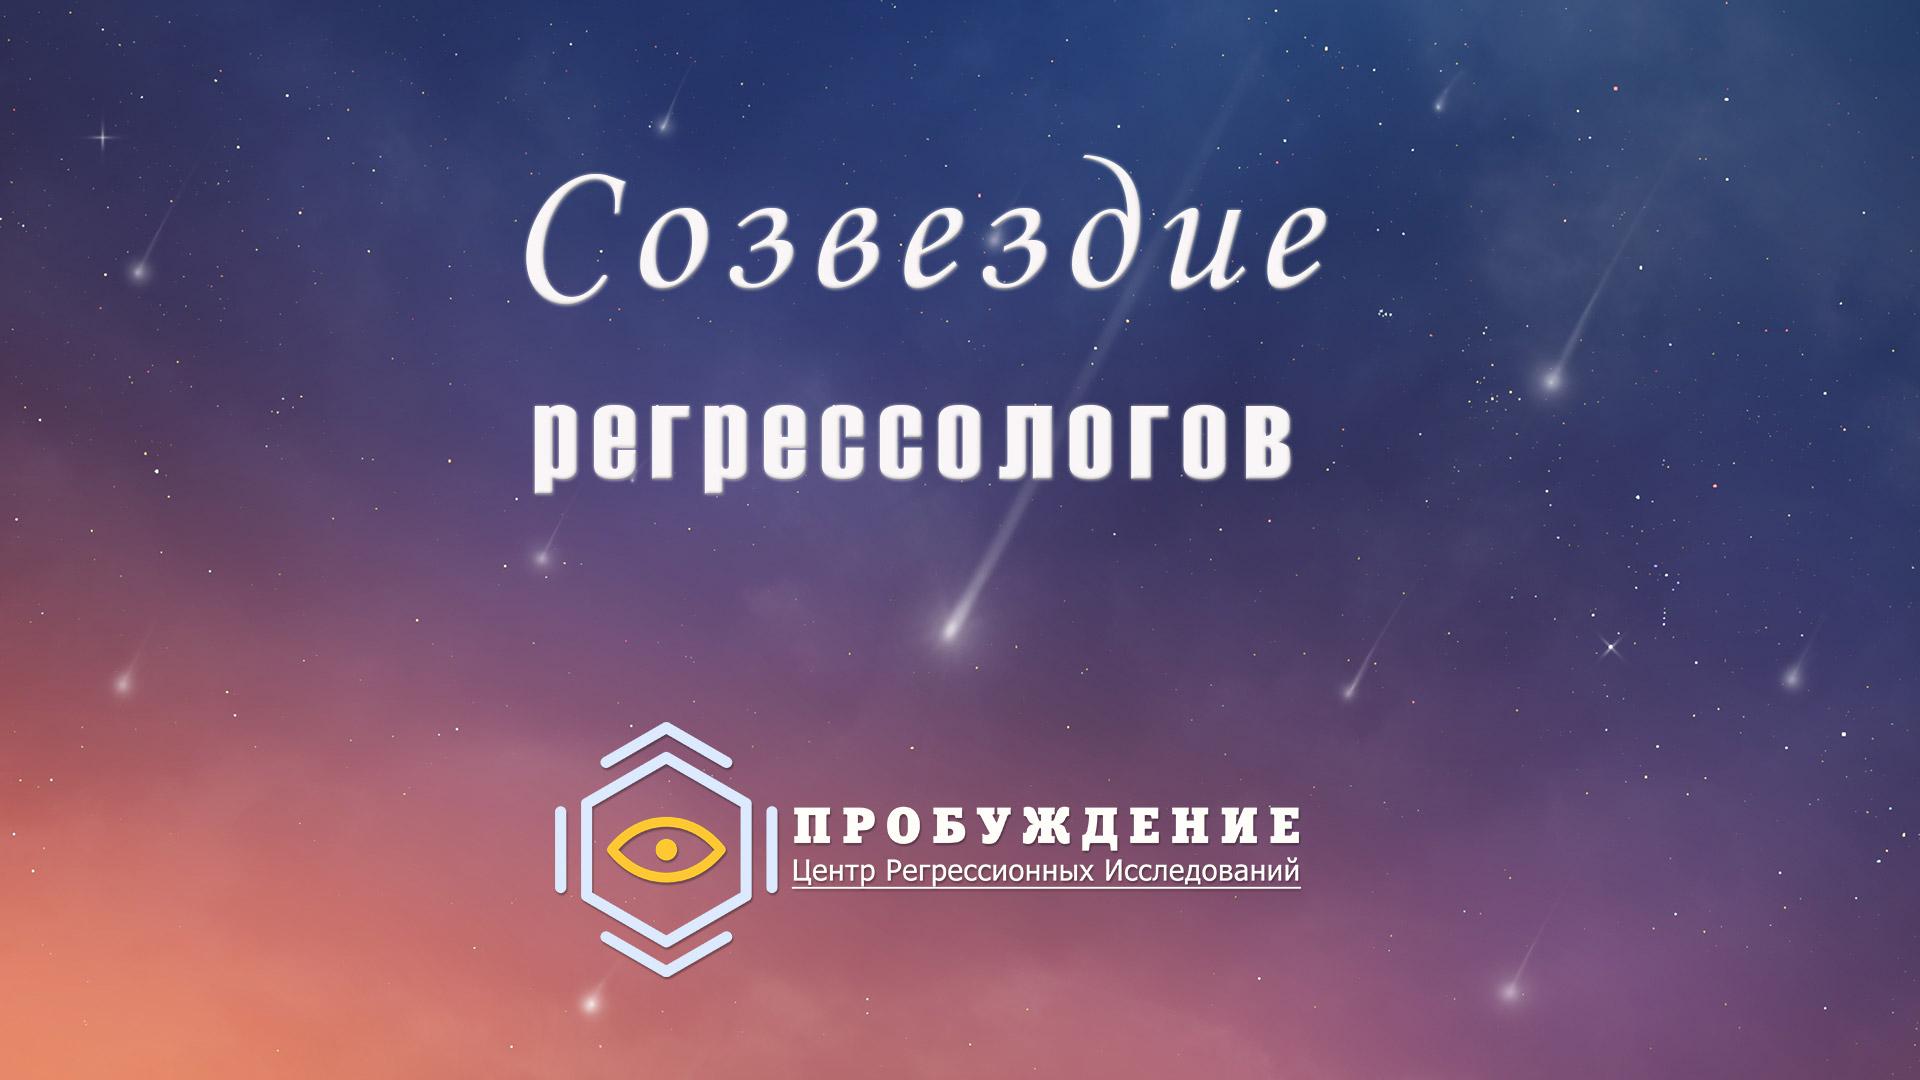 Созвездие регрессологов - центр Пробуждение